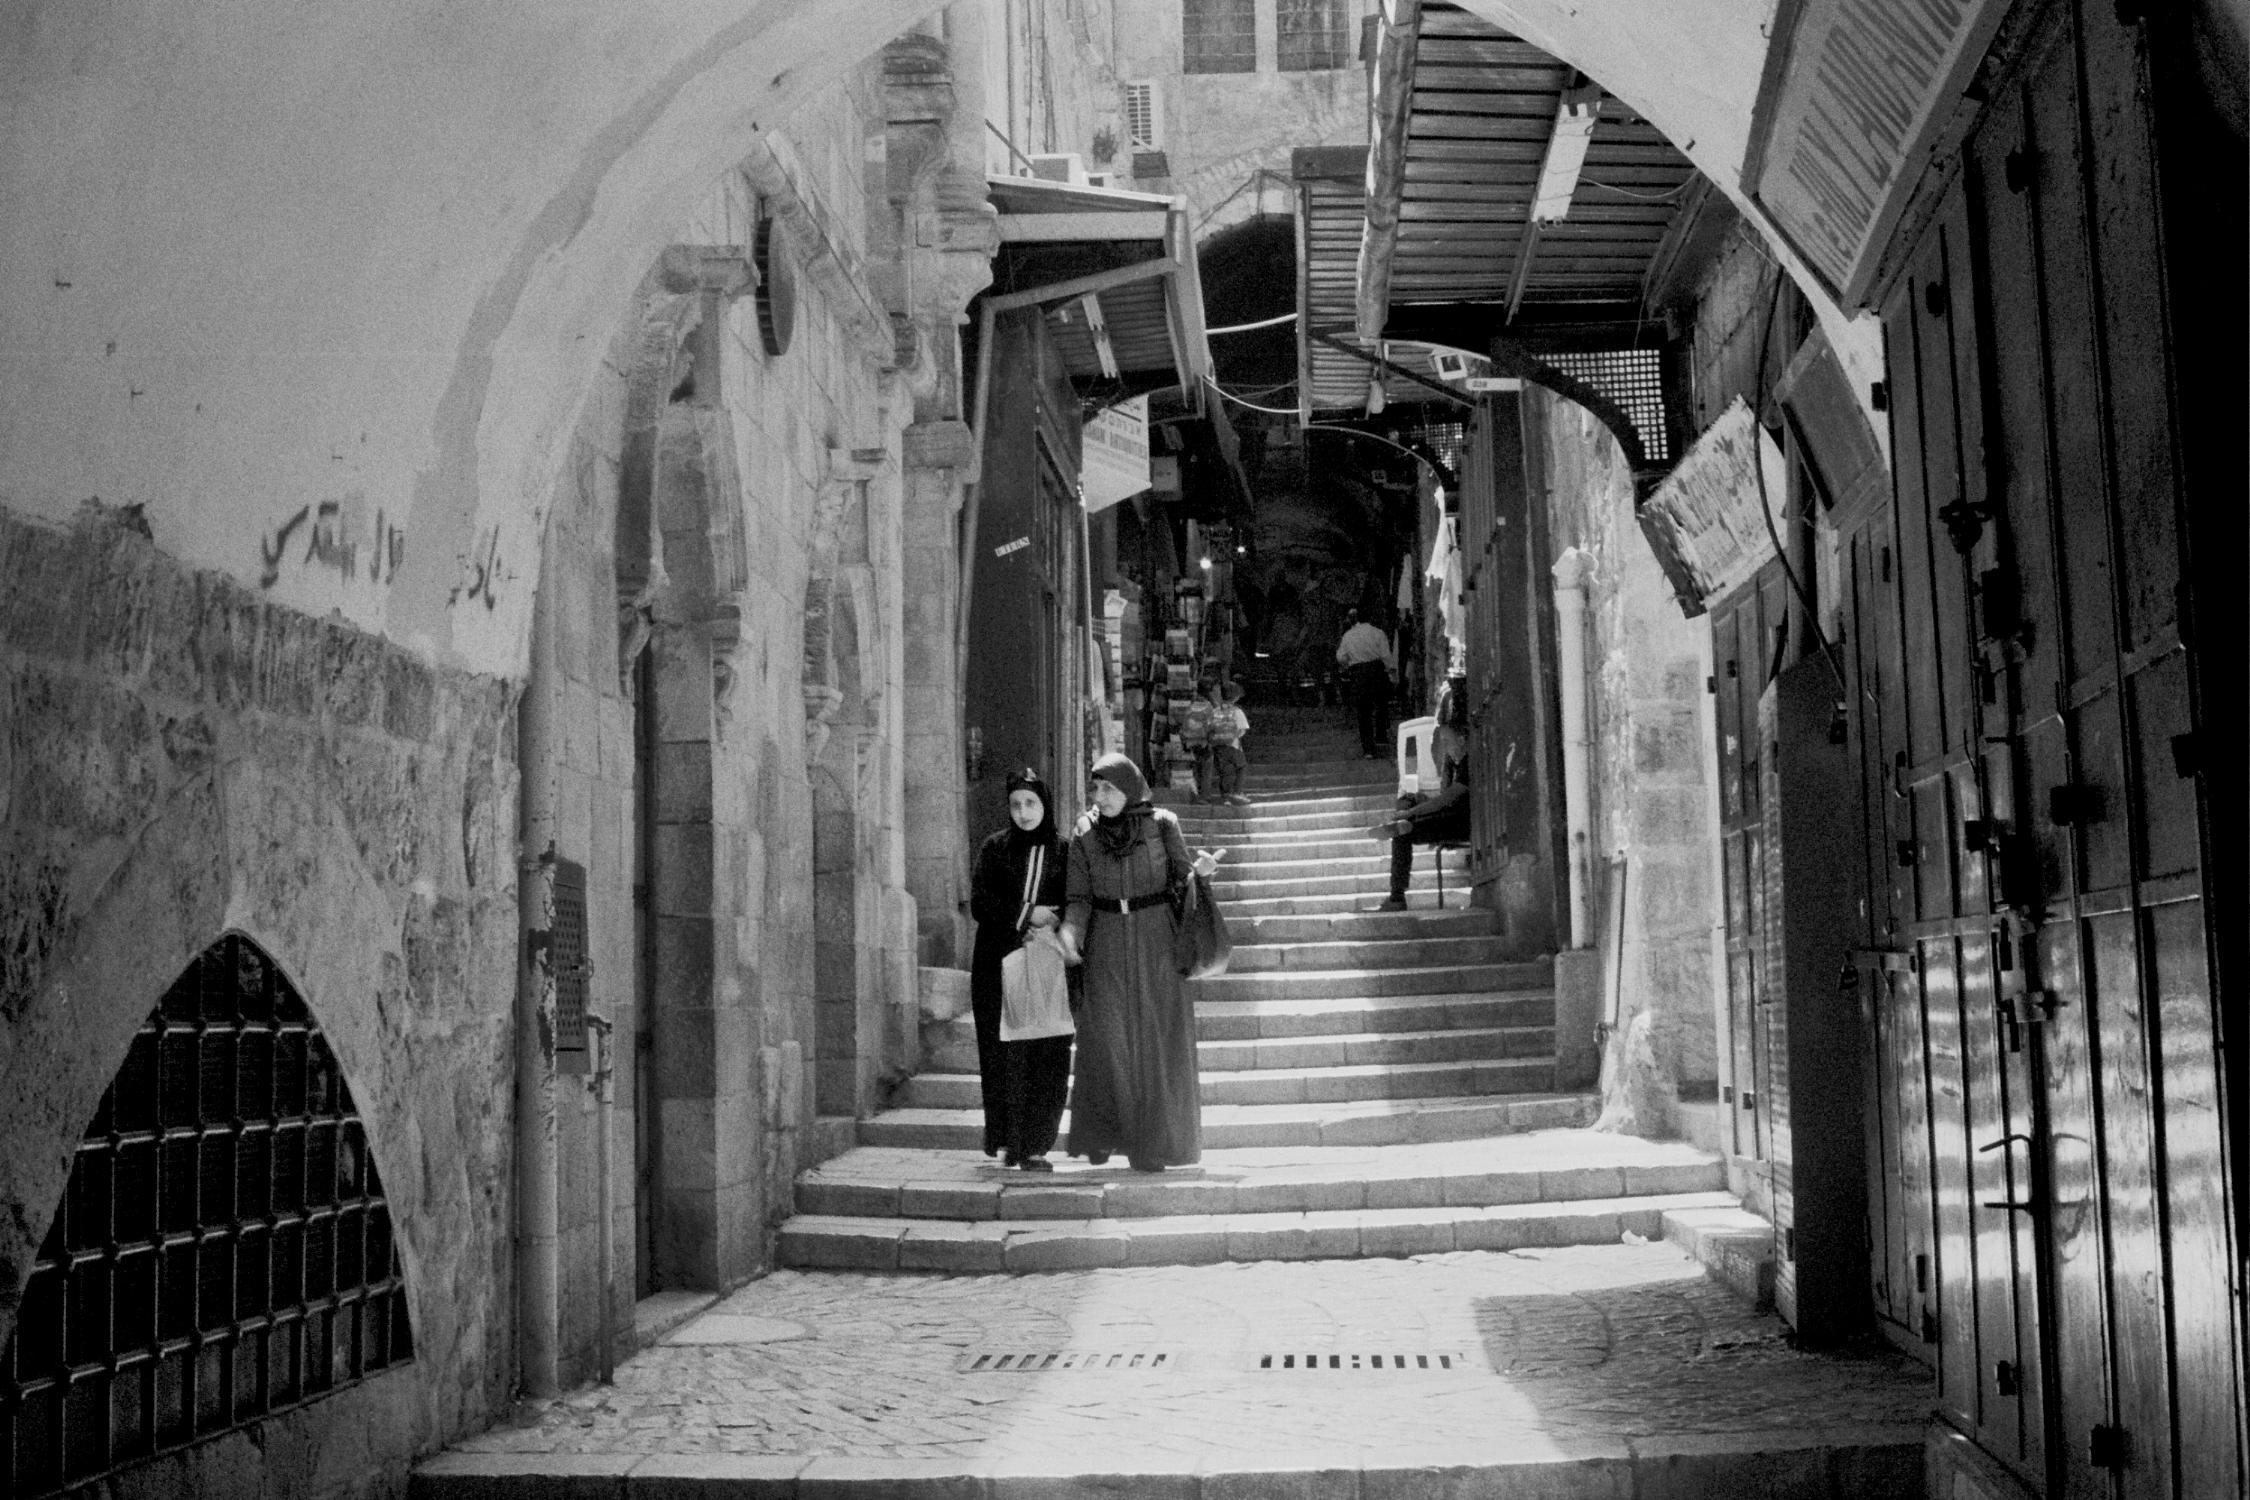 Old Jerusalem, Israel, 2017